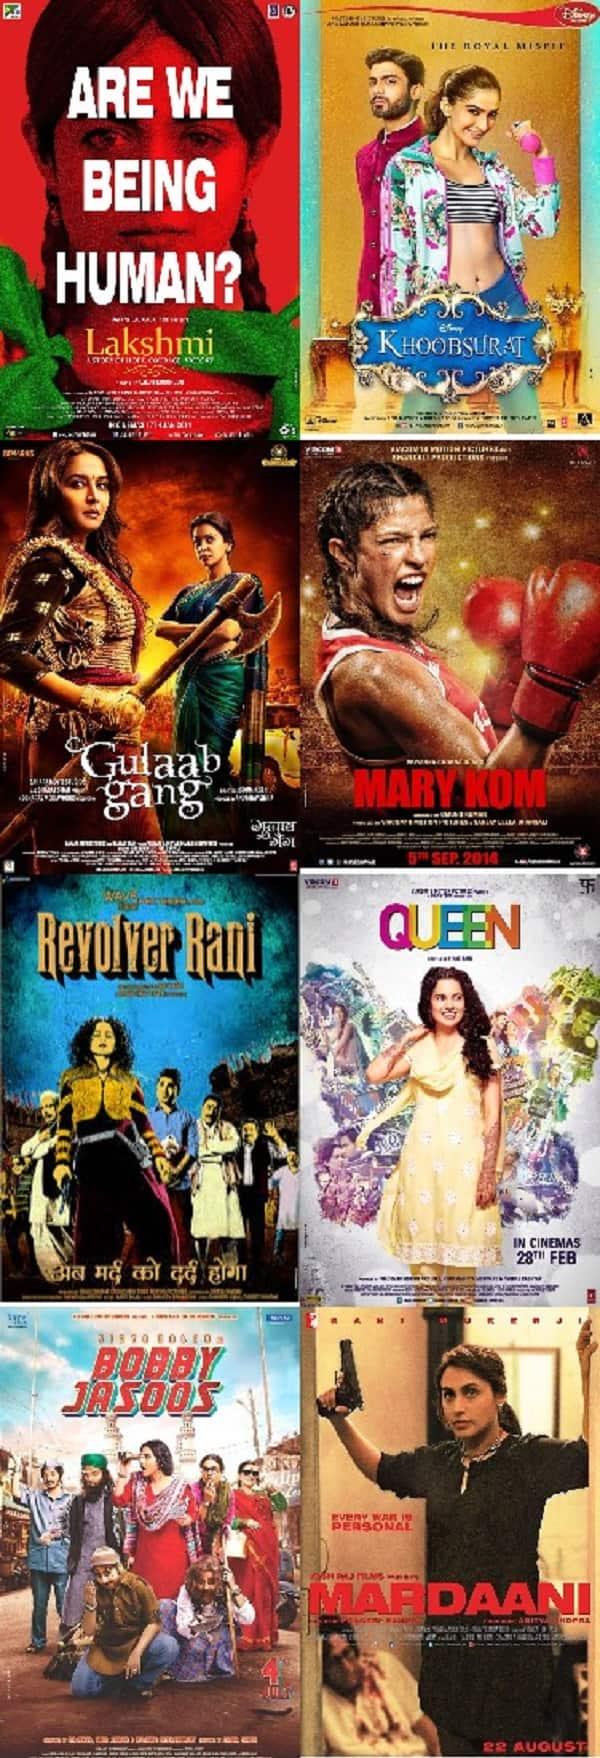 Women's Day Special: Rani Mukerji's Mardaani, Kangana Ranaut's Queen, Priyanka Chopra's Mary Kom, Sonam Kapoor's Khoobsurat - women centric films that rocked last year!